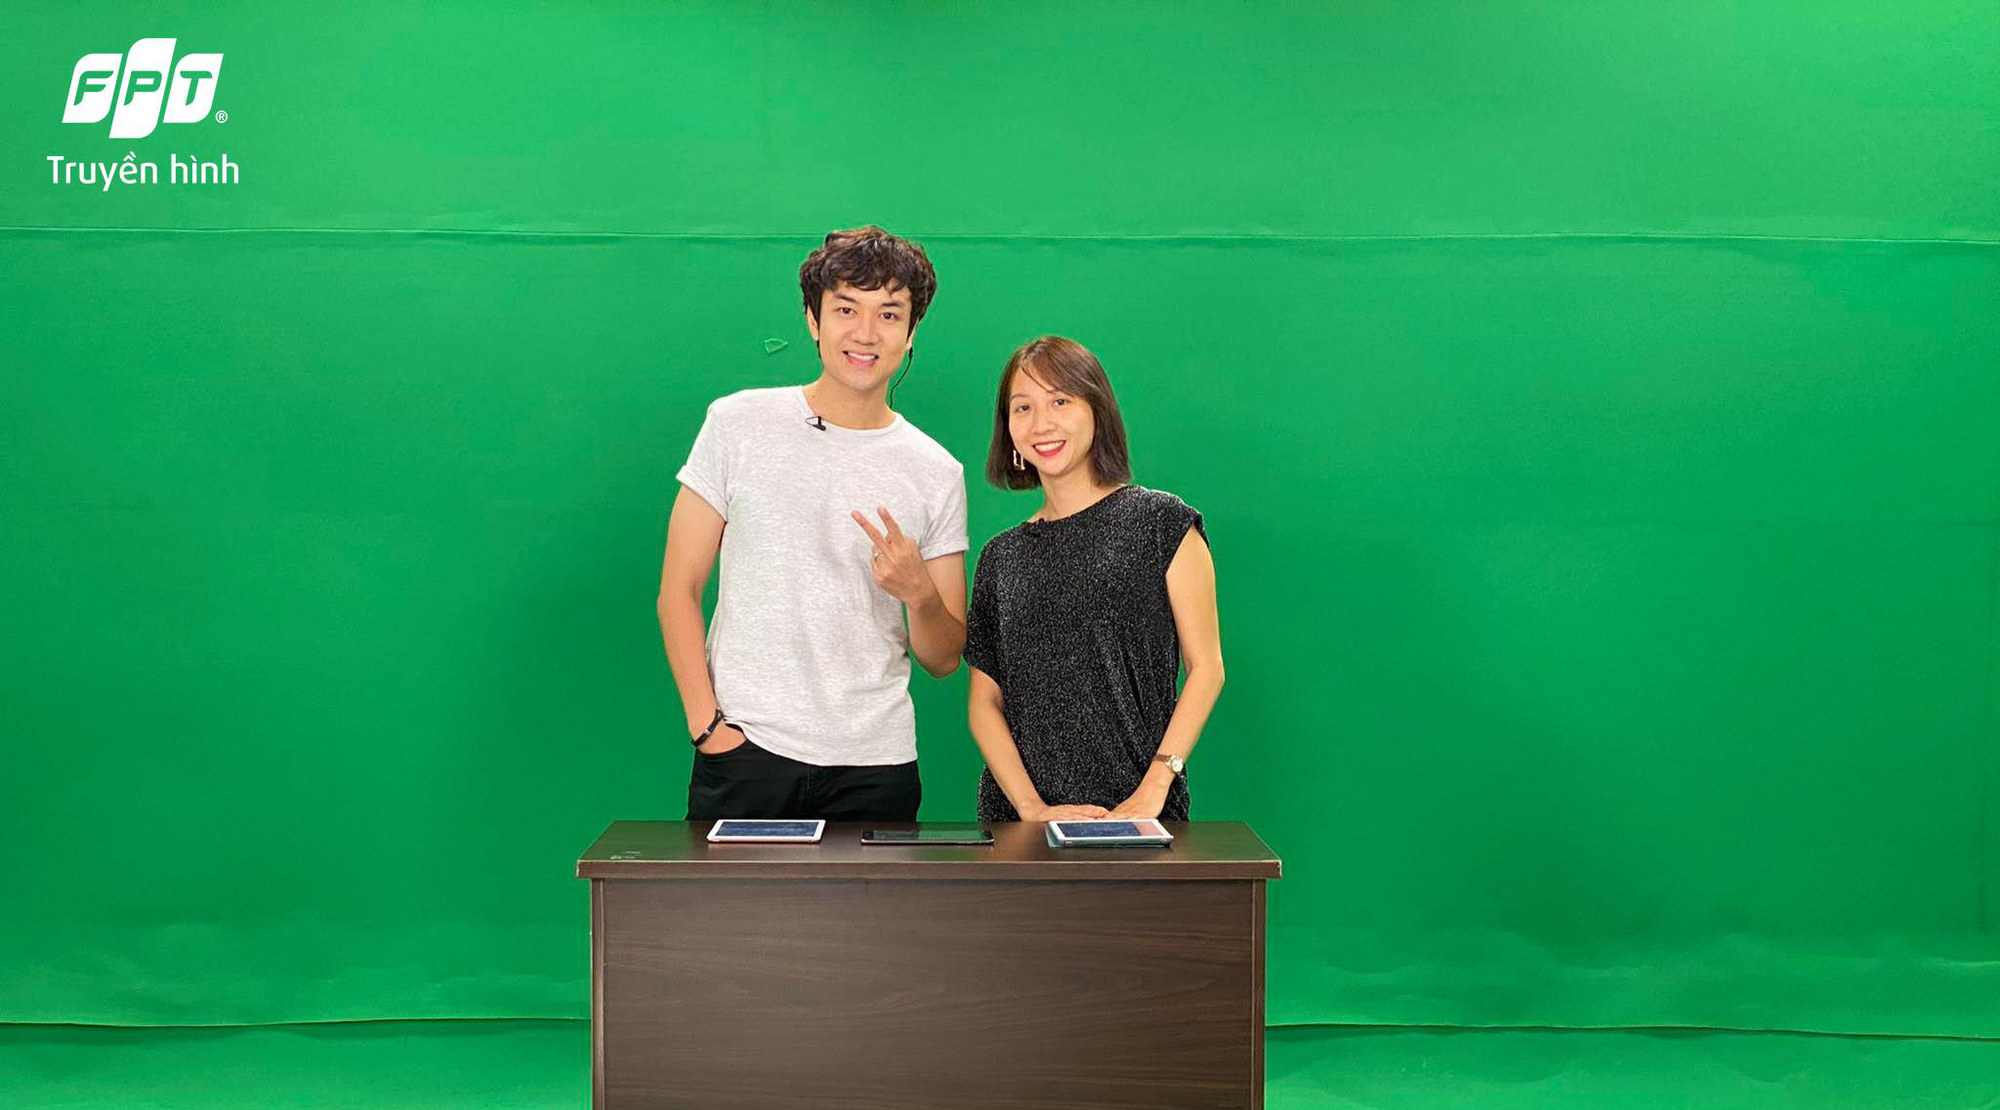 Bộ đôi host Cáo và Linxi tái hợp trong chương trình tương tác Chơi Hay Chia - Ảnh 2.